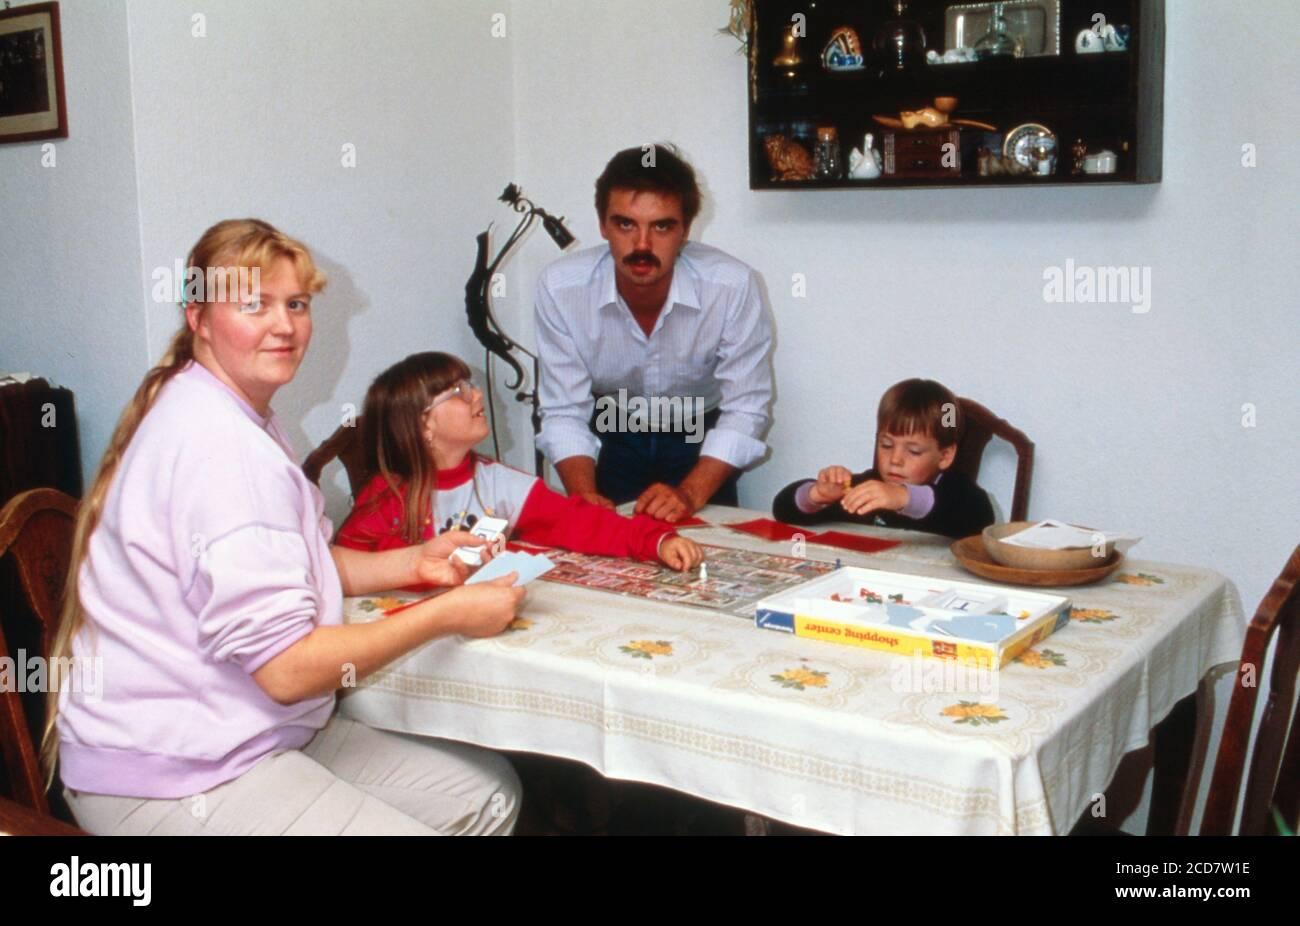 Bildreportage: Linn Westedt BEI einem Brettspiel. Banque D'Images